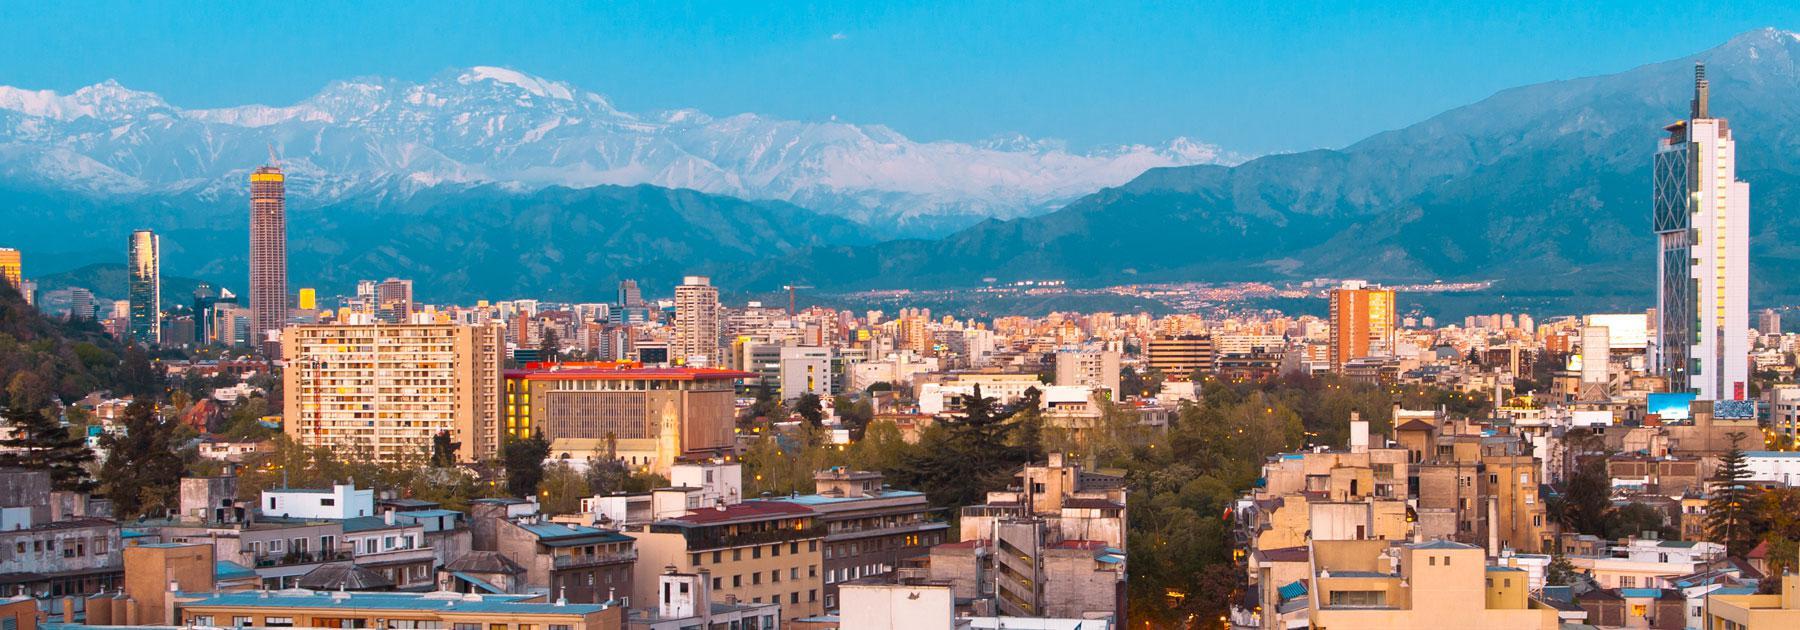 Italy And Greece Honeymoon Itinerary